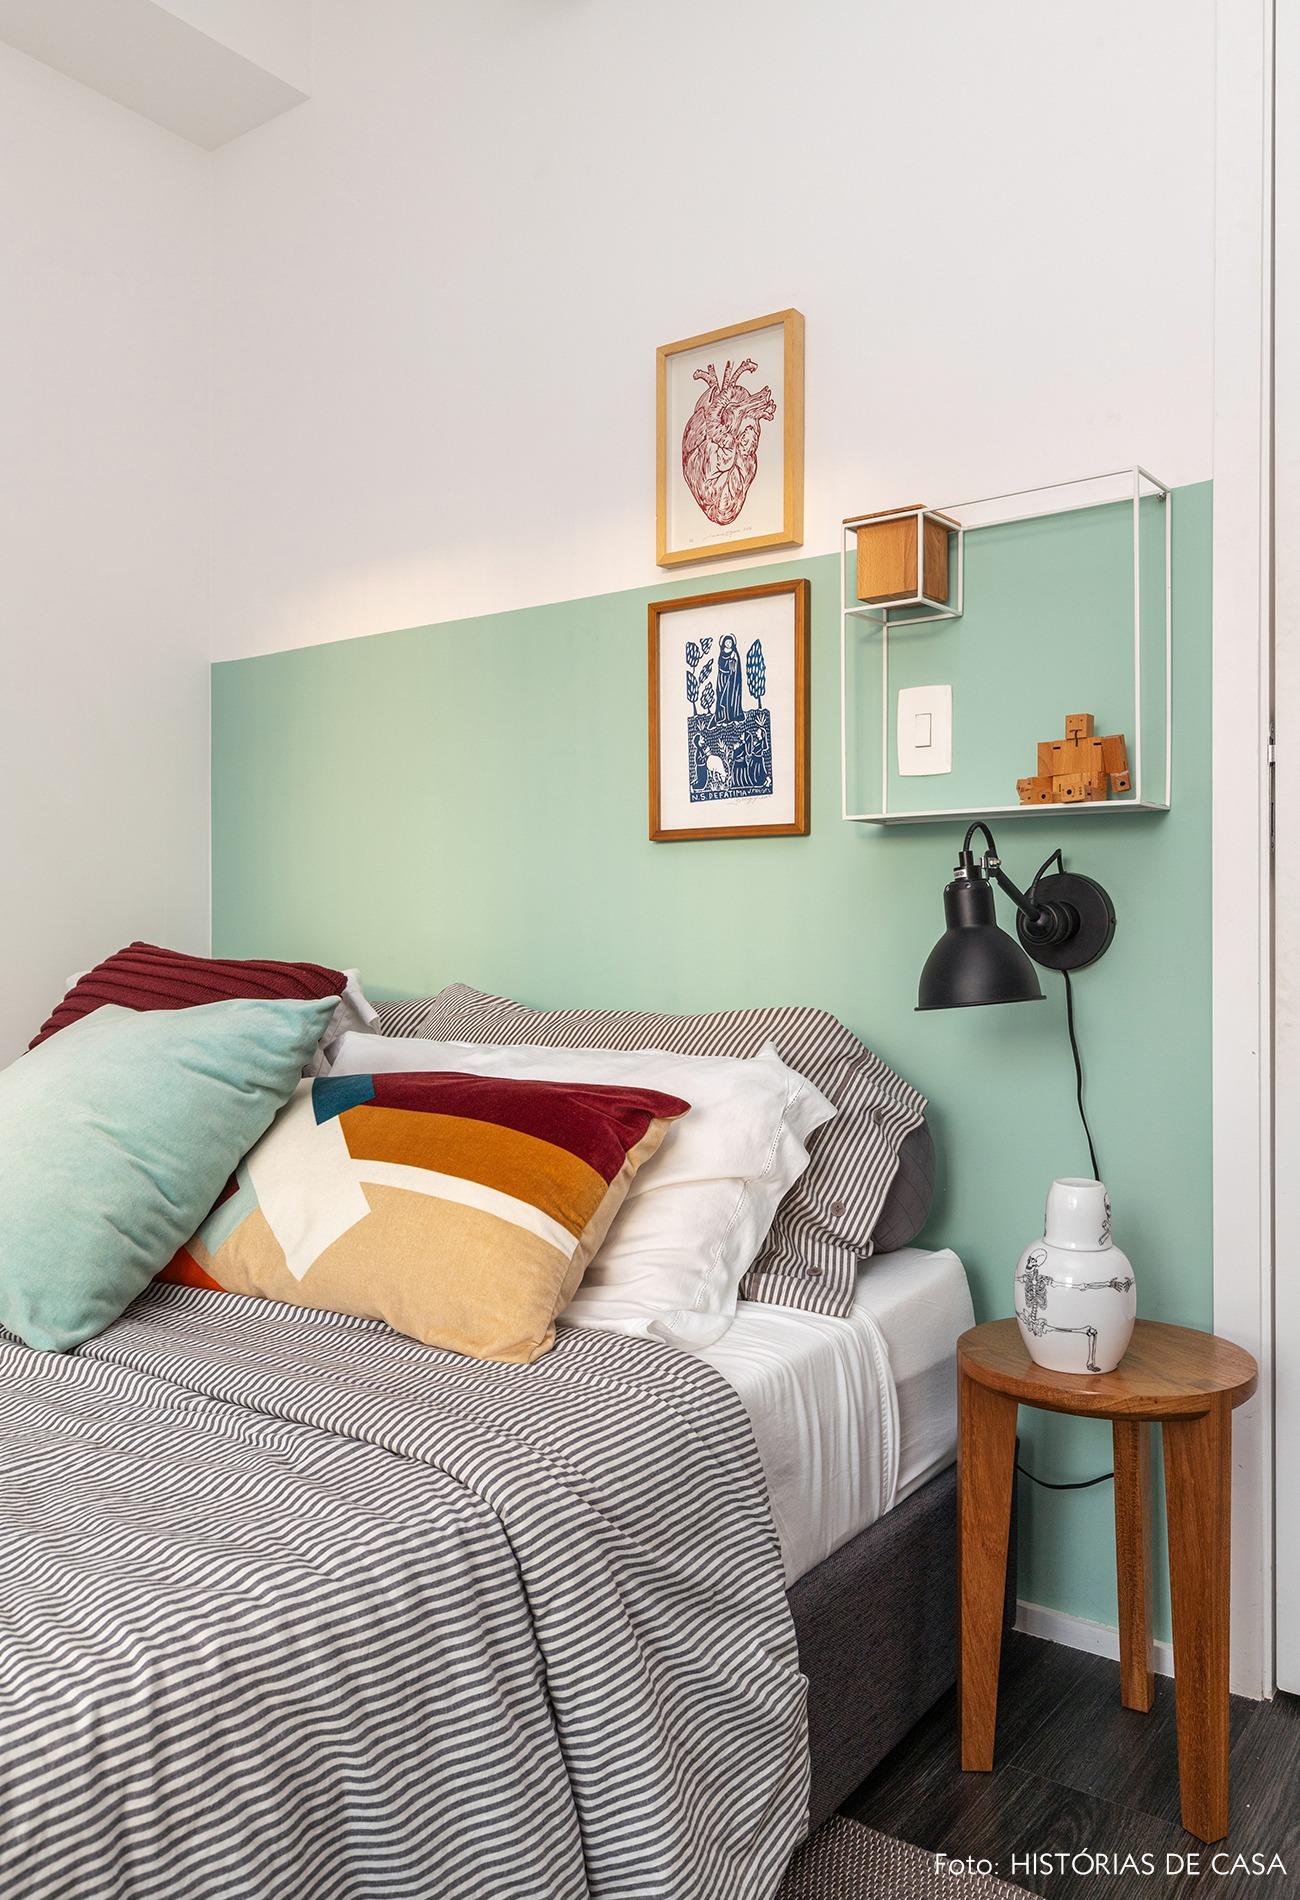 Quarto com parede verde e cama com almofadas coloridas e quadros